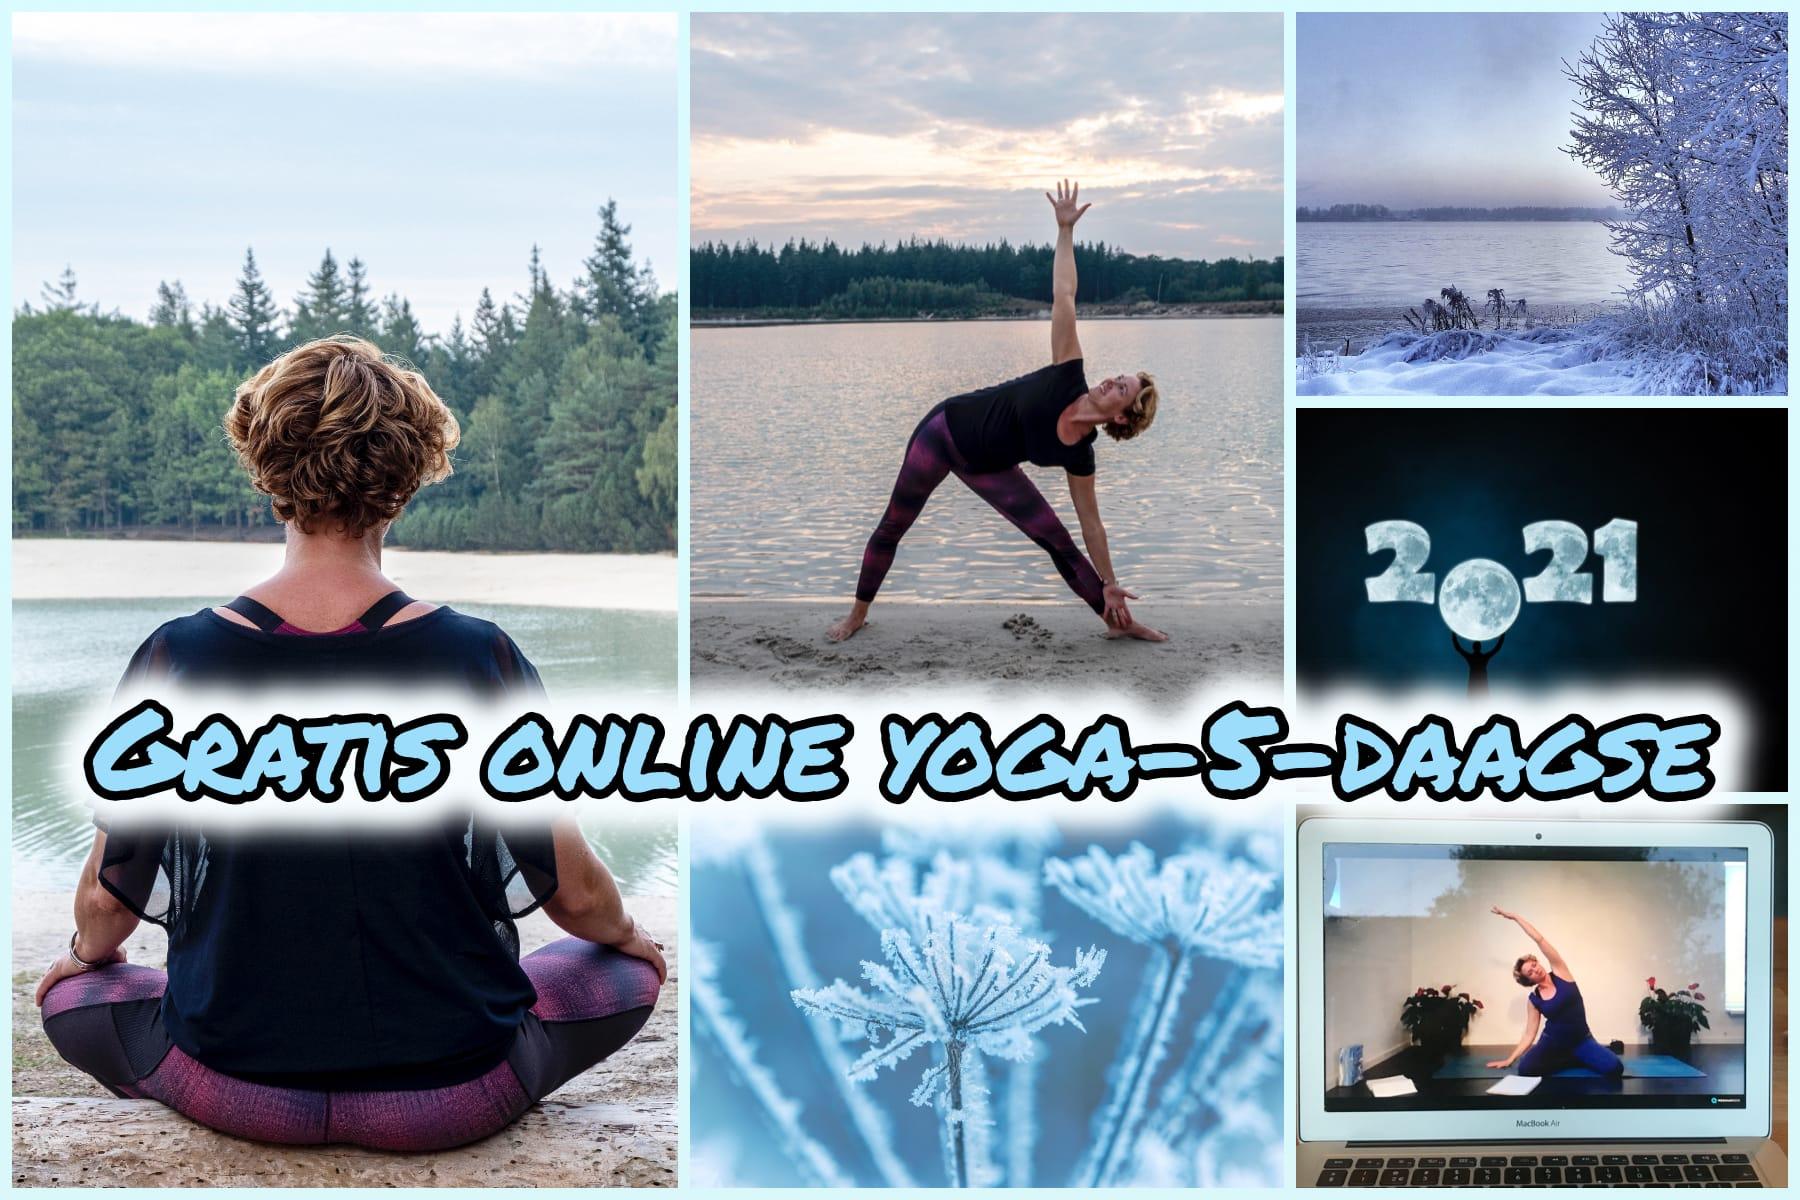 Gratis online yoga challenge, kennismaken met yoga? Volg gratis 5 dagen basis yogalessen